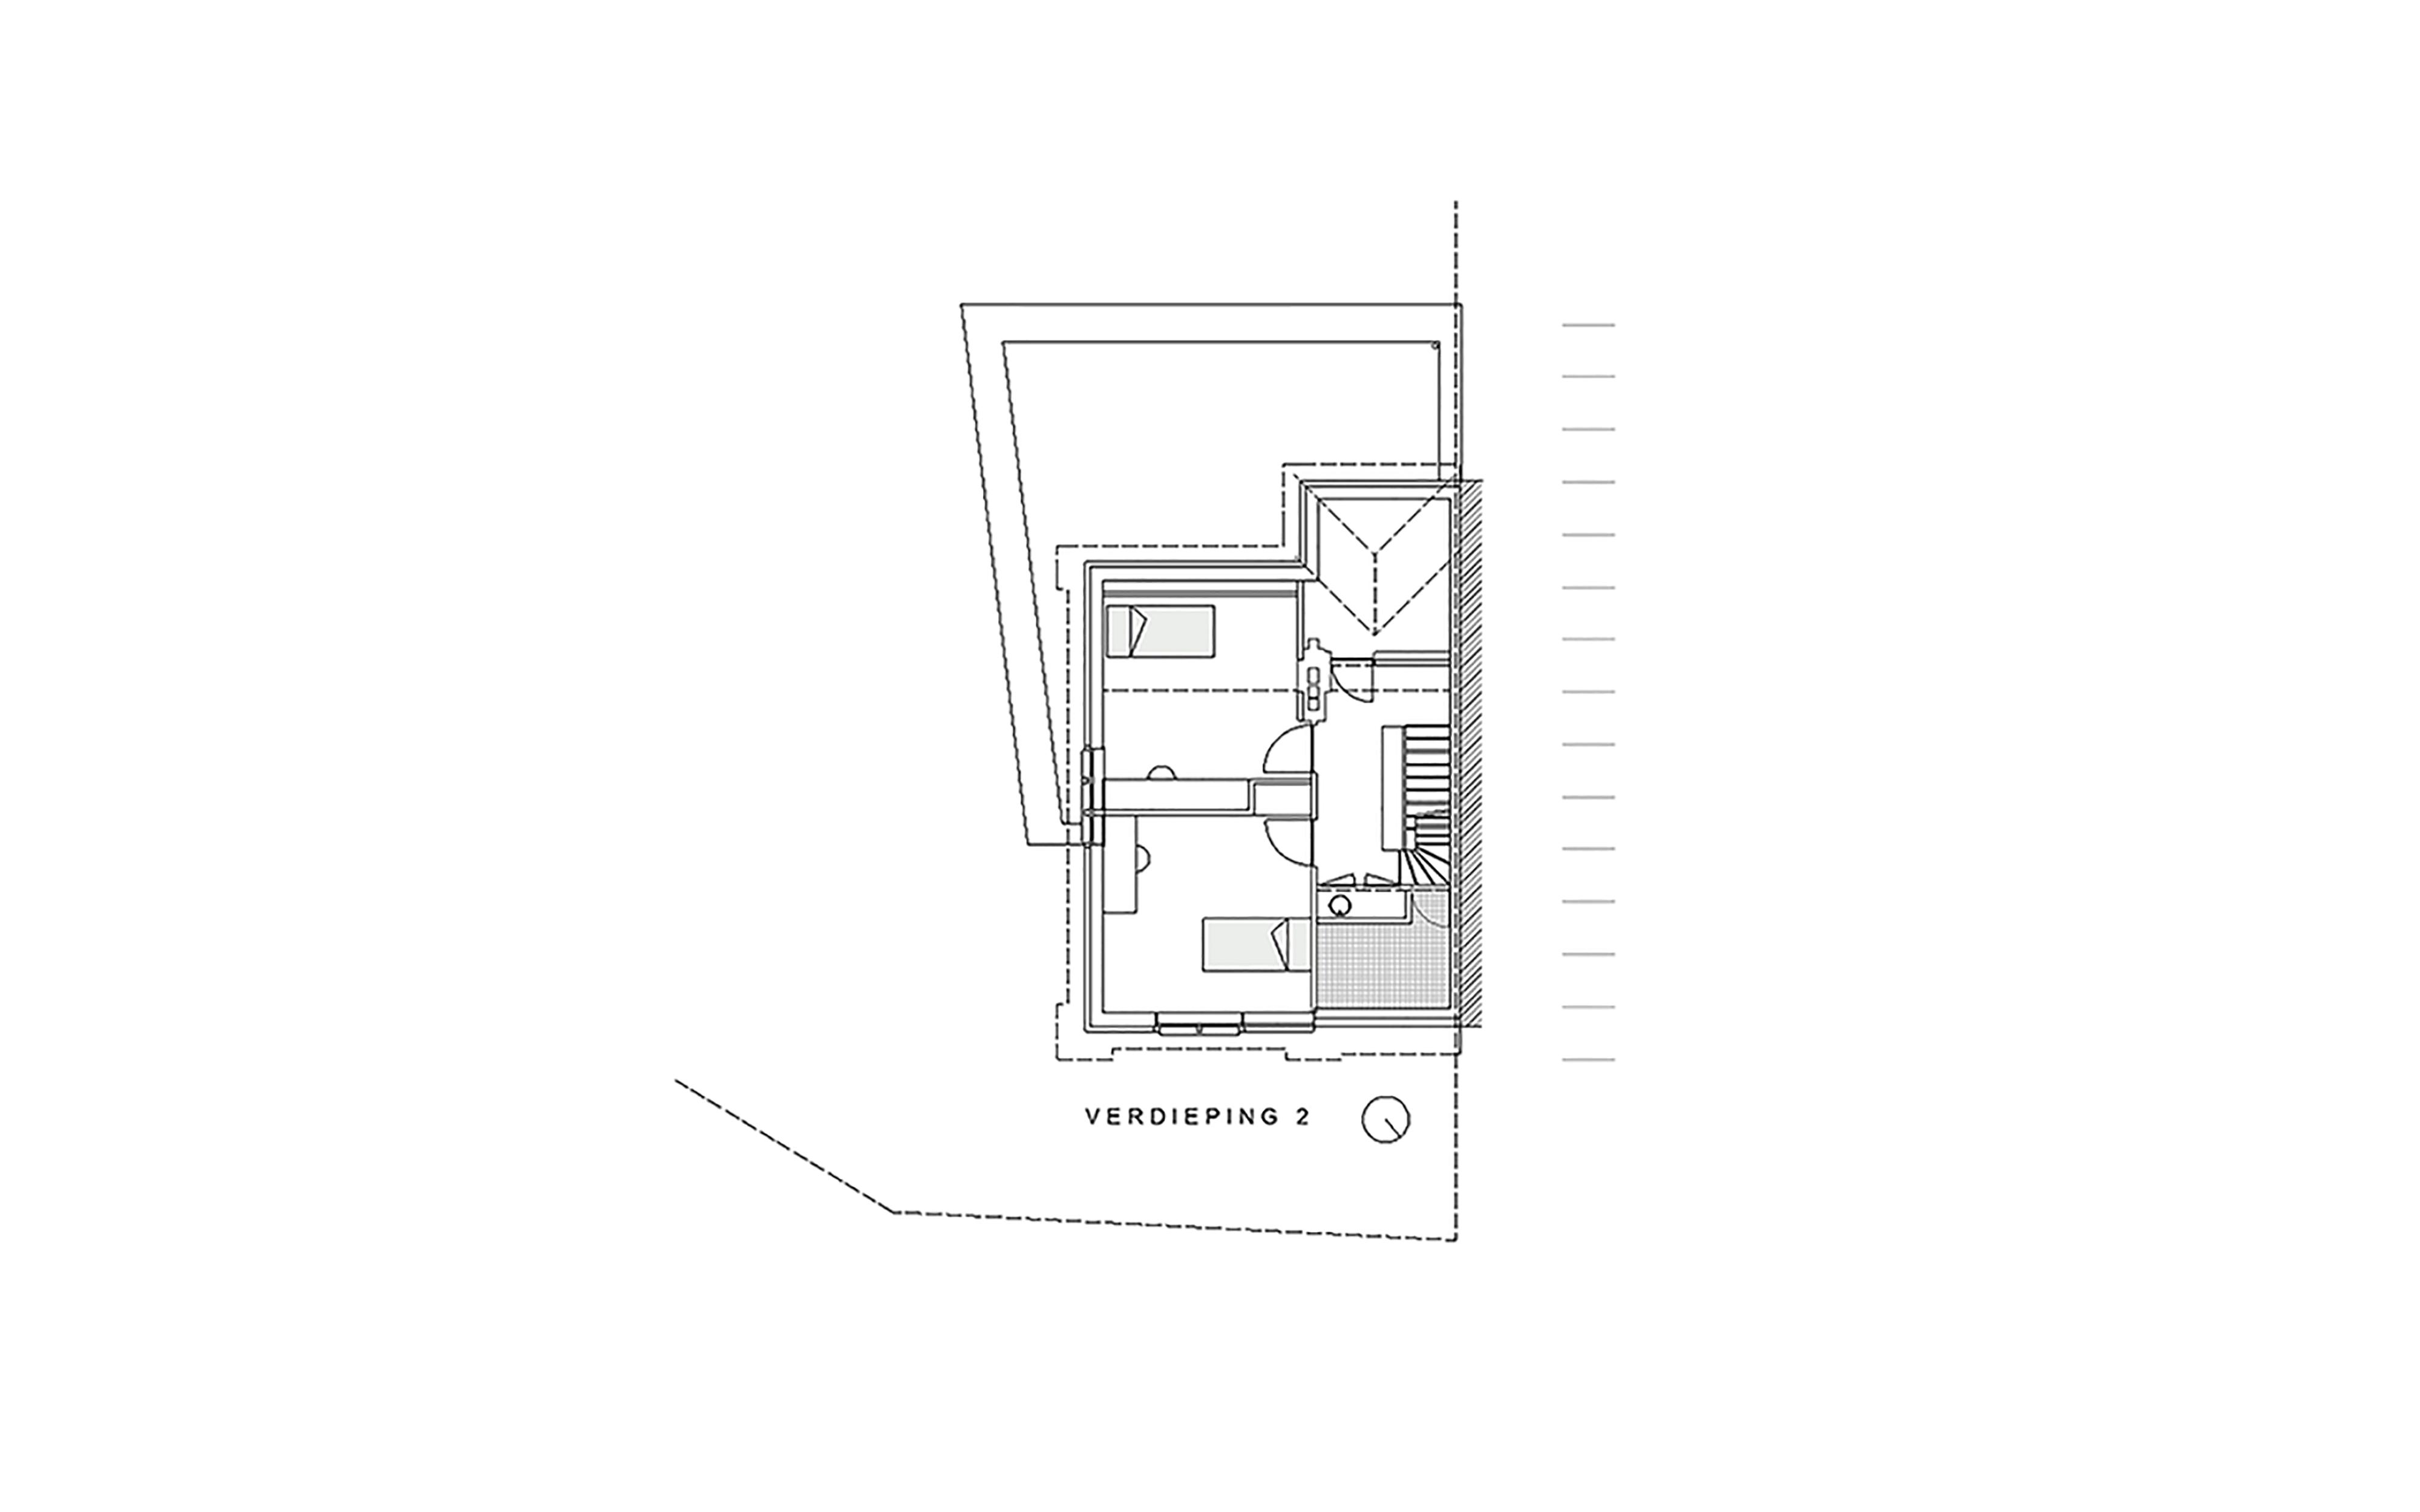 K1623-verdieping2